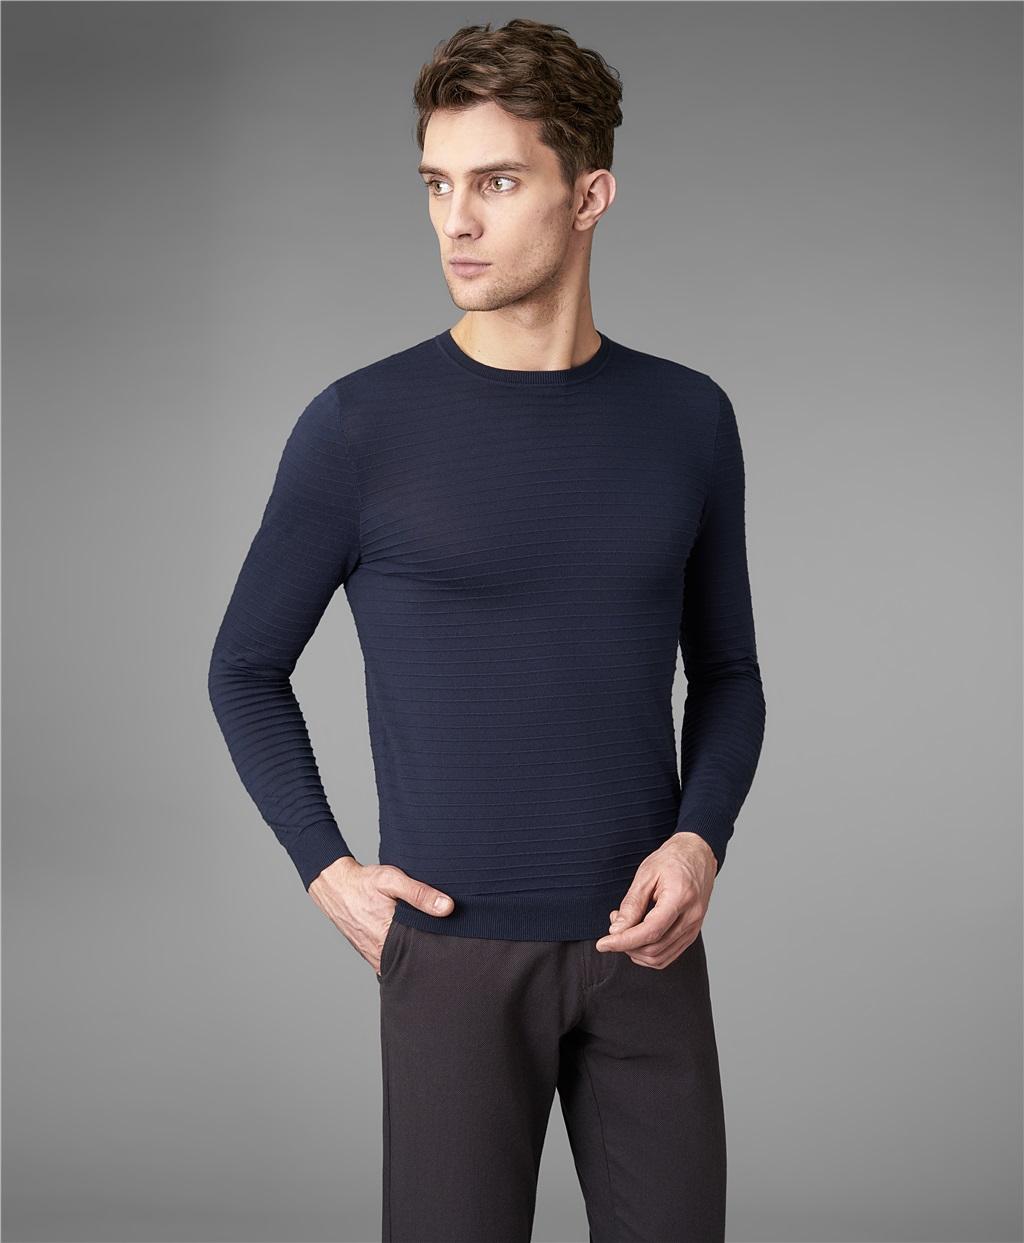 Пуловер трикотажный HENDERSON KWL-0738 NAVY фото